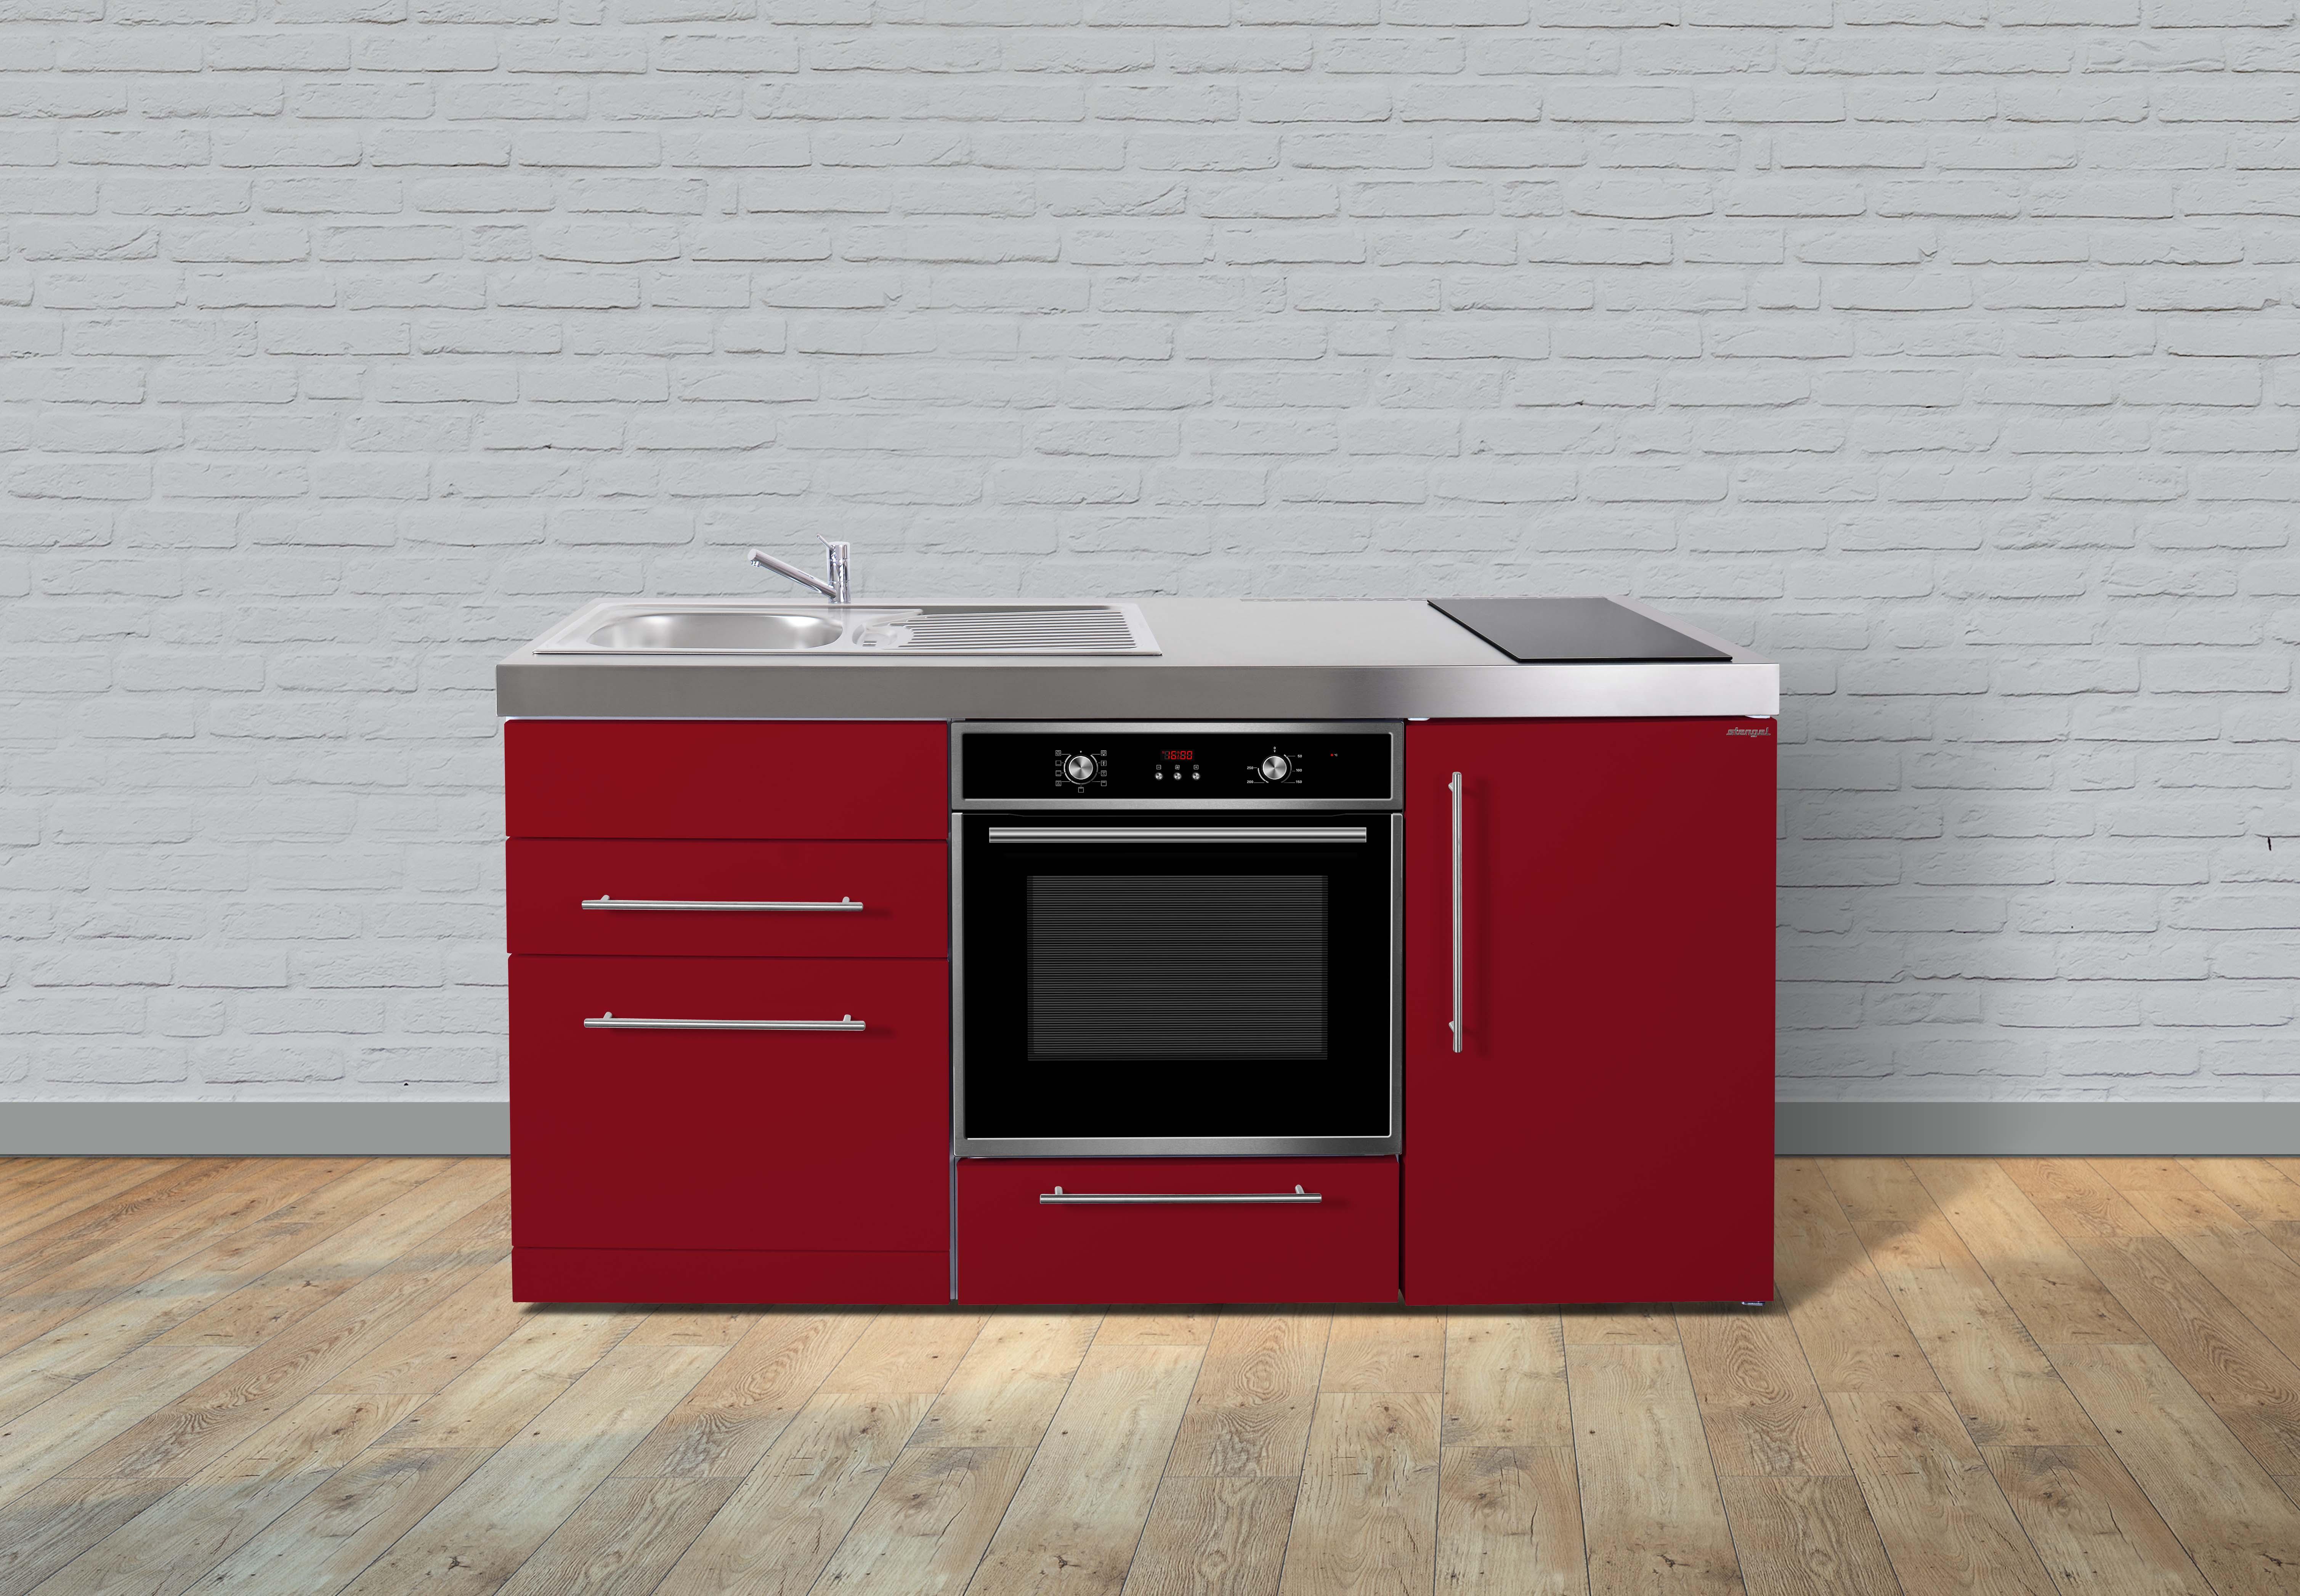 Mini Küchen frank zimmerlin freiburg mini küchen pantry küchen